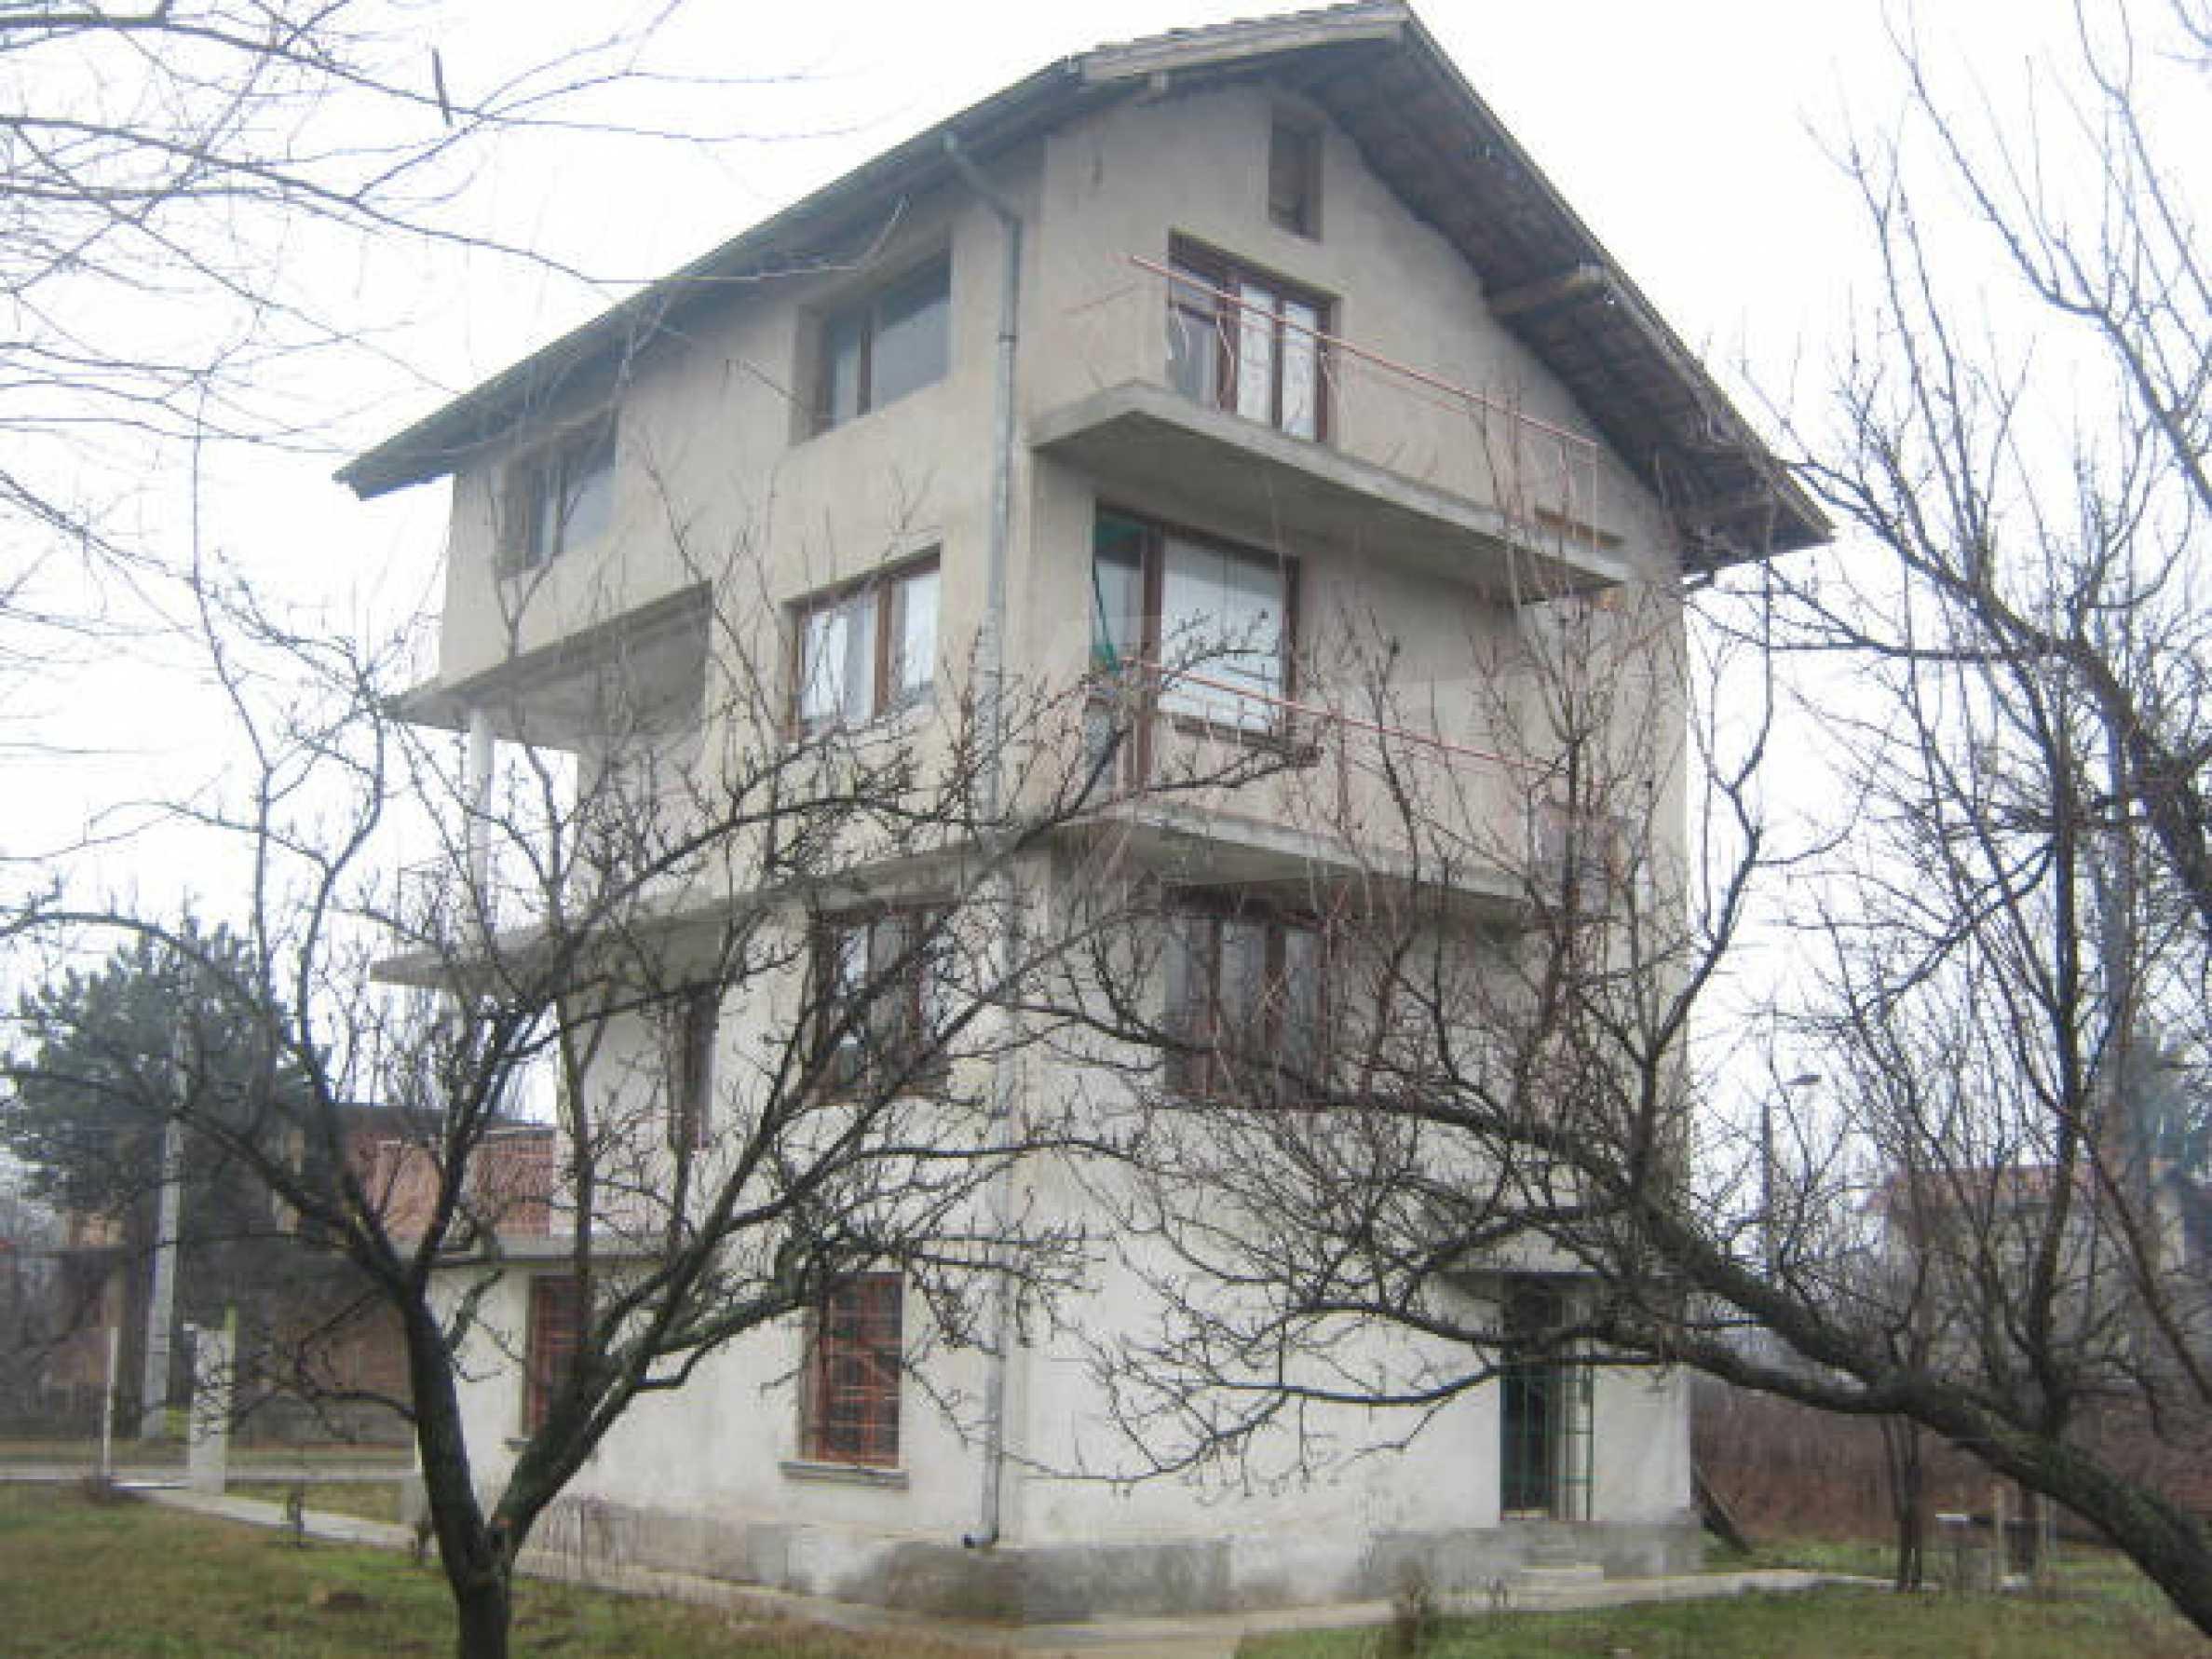 Vierstöckiges Haus mit Hof in der Nähe von der Stadt Widin 3